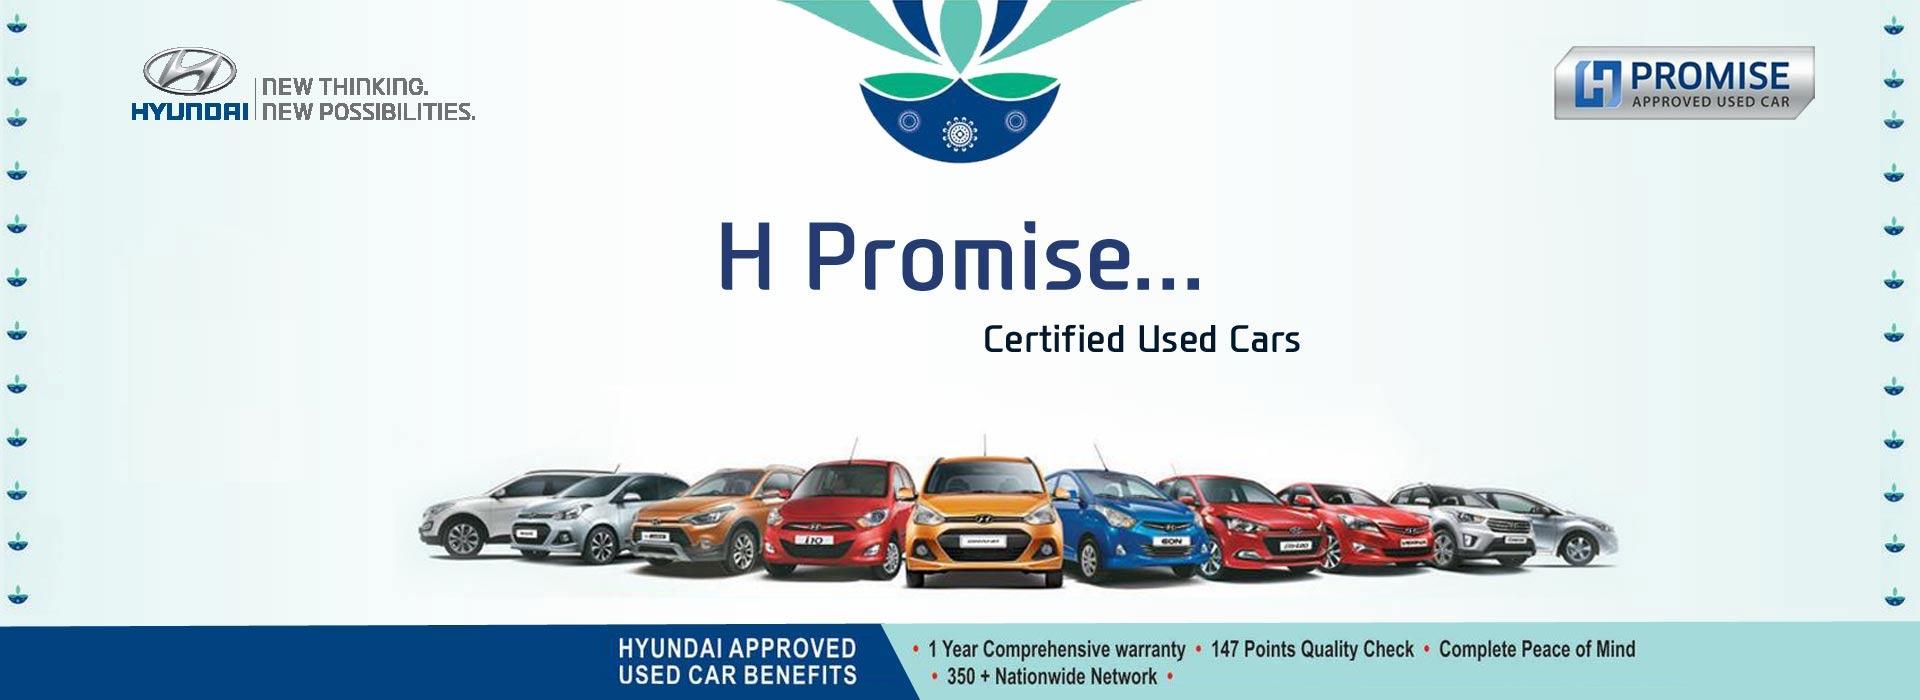 Hyundai Car Dealer Showroom in Chennai - V3 Hyundai